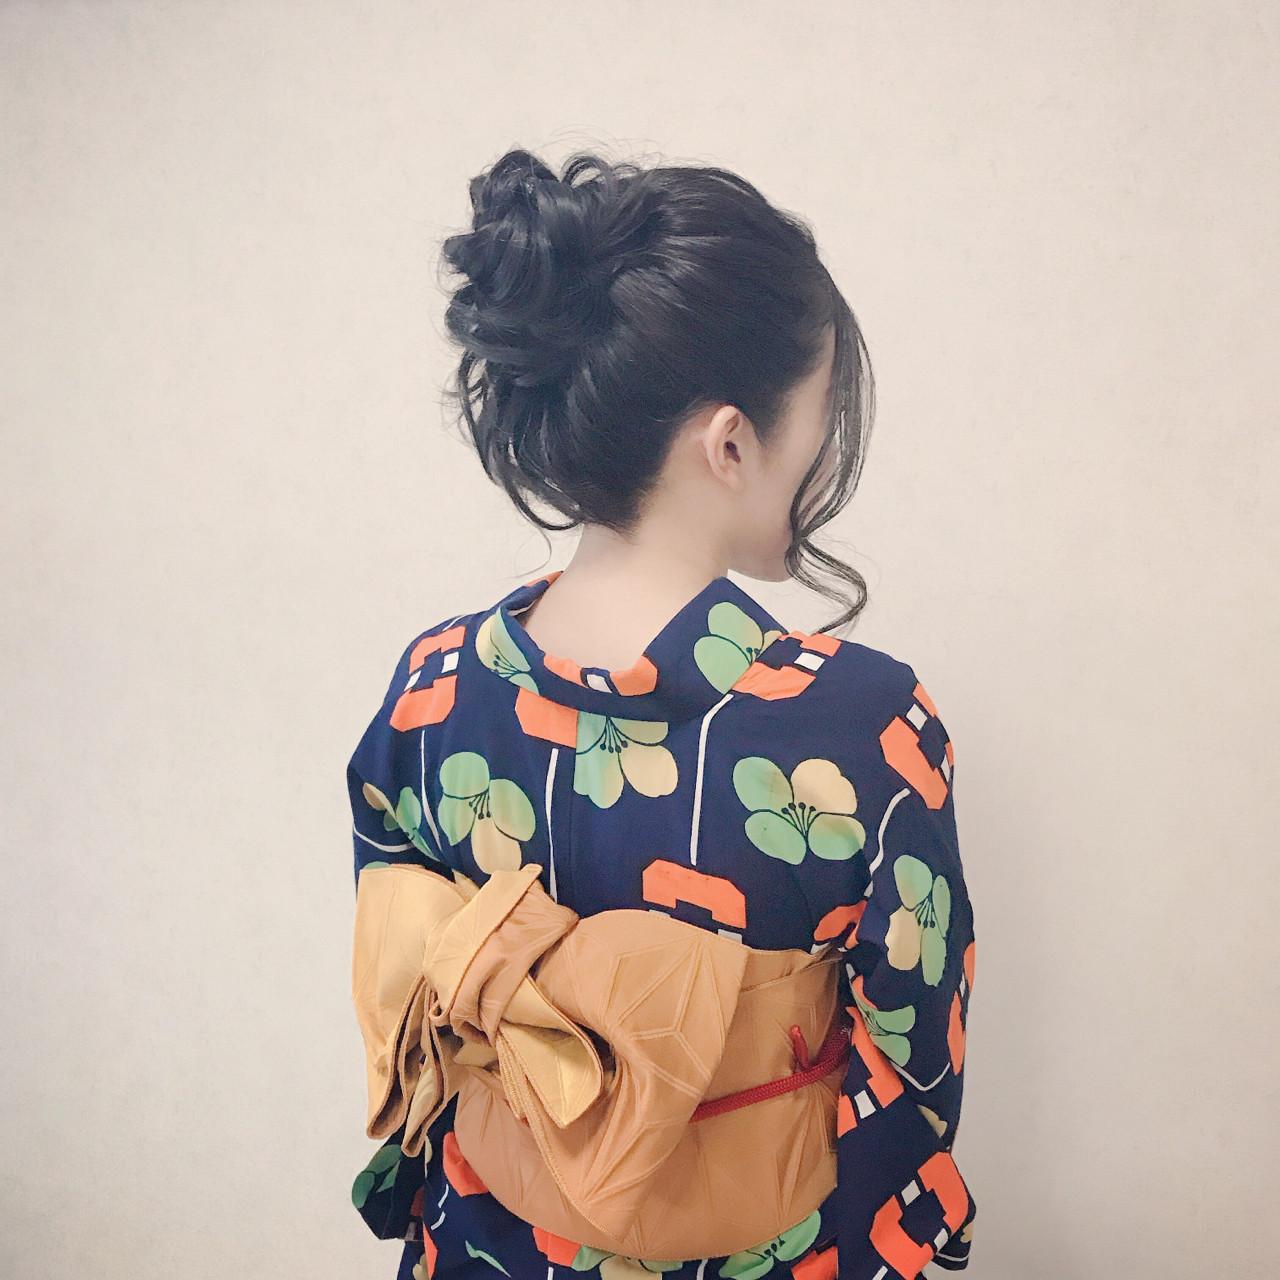 デート ヘアアレンジ ロング エレガント ヘアスタイルや髪型の写真・画像 | Moriyama Mami / 福岡天神ヘアセット・着付け専門店【Three-keys】